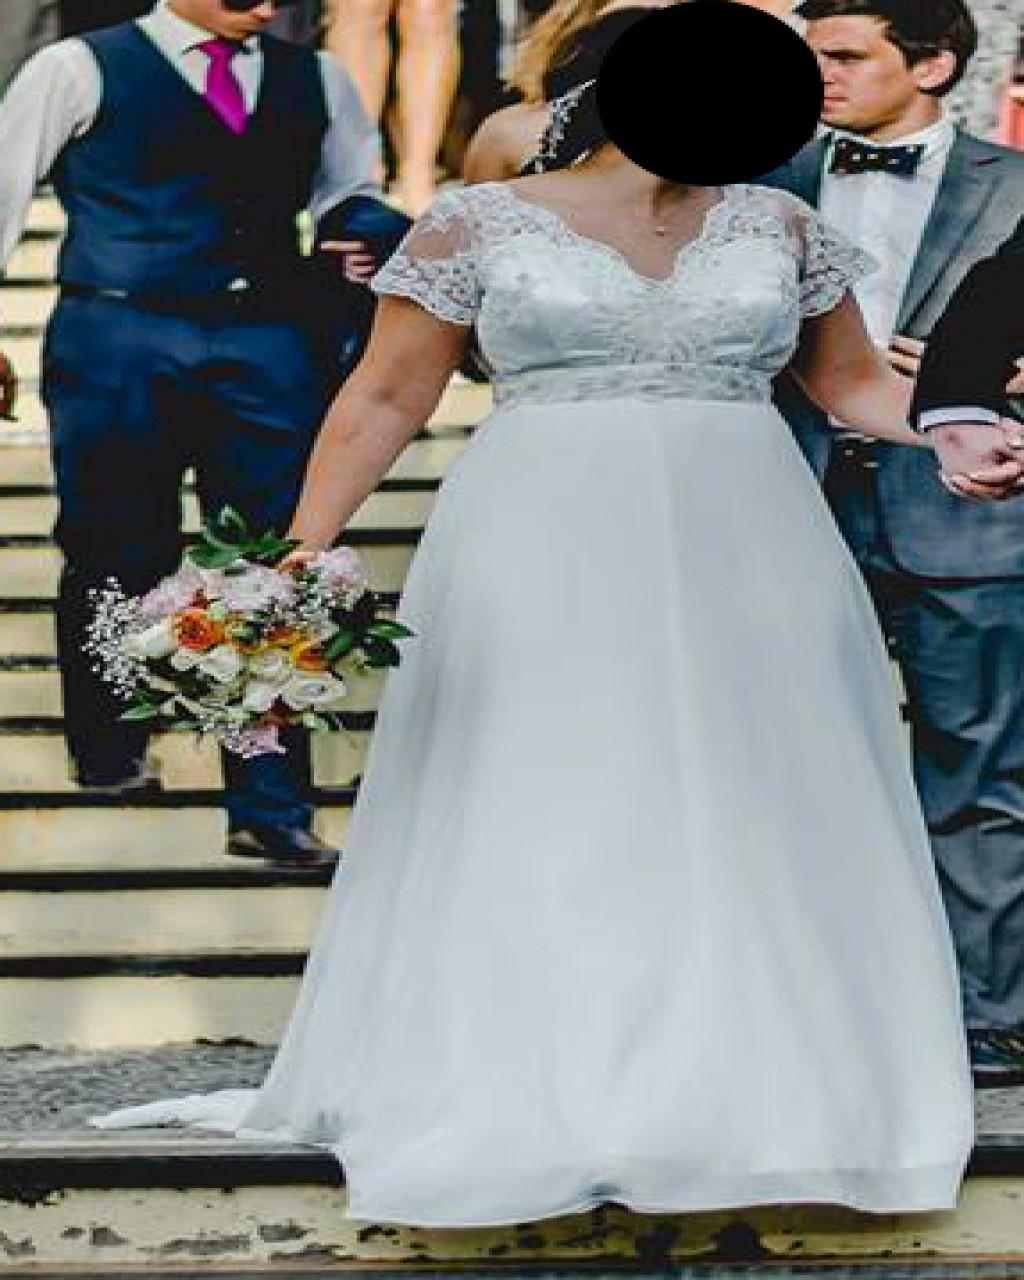 Fine Vestido De Novia Crepusculo Inspiration - All Wedding Dresses ...